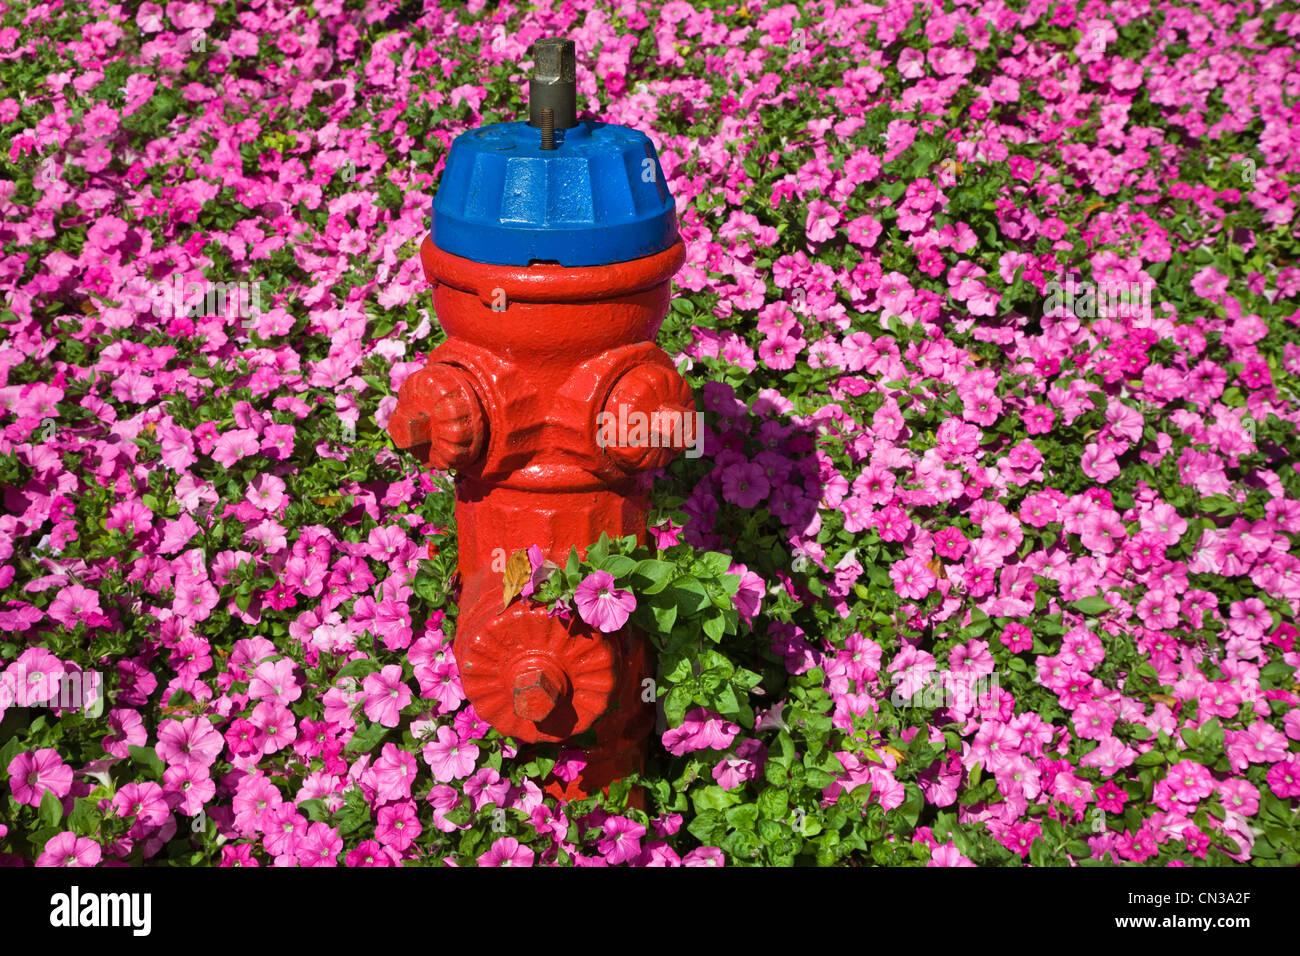 Idrante di fuoco e fiori di colore rosa Immagini Stock